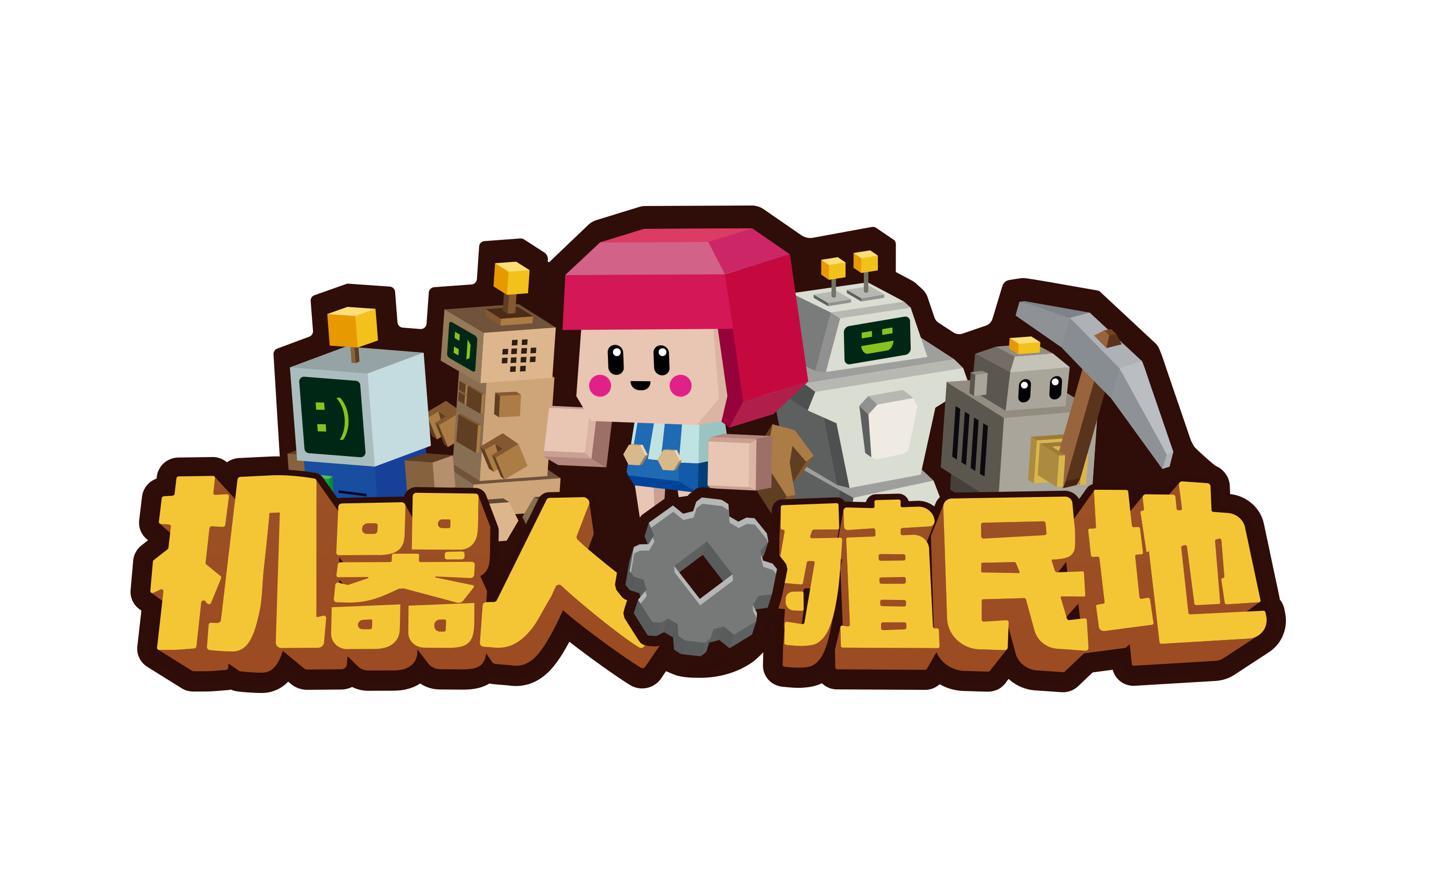 <b>《机器人殖民地》将于10月17日针对PC平台独家发布</b>